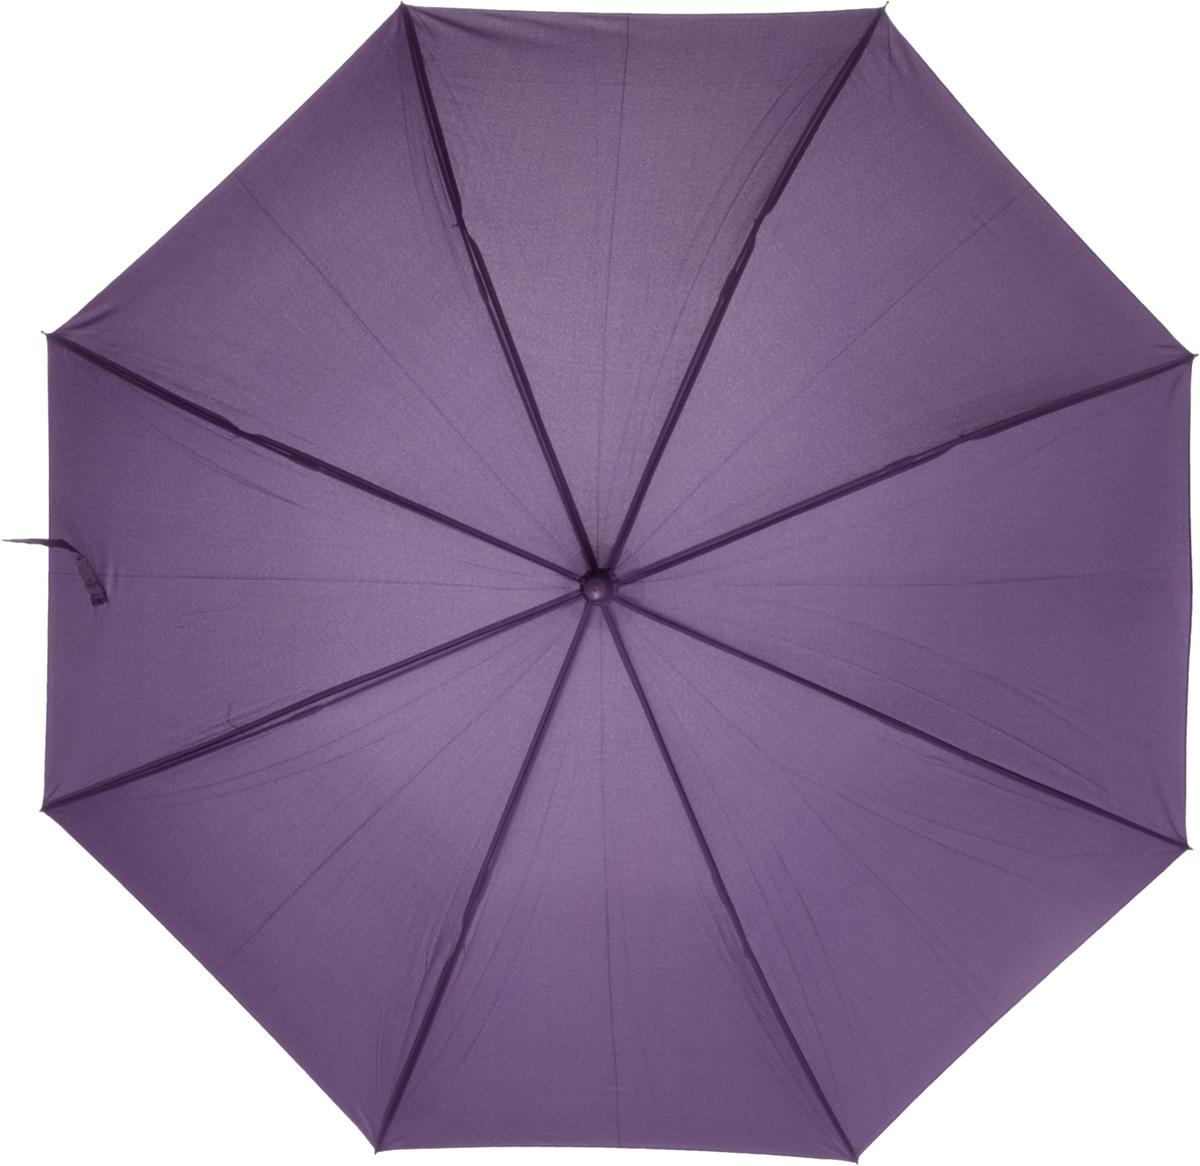 Зонт-трость женский Nuages, цвет: фиолетовый. NZ1240/6plum зонт женский трость спас медный всадник 106см